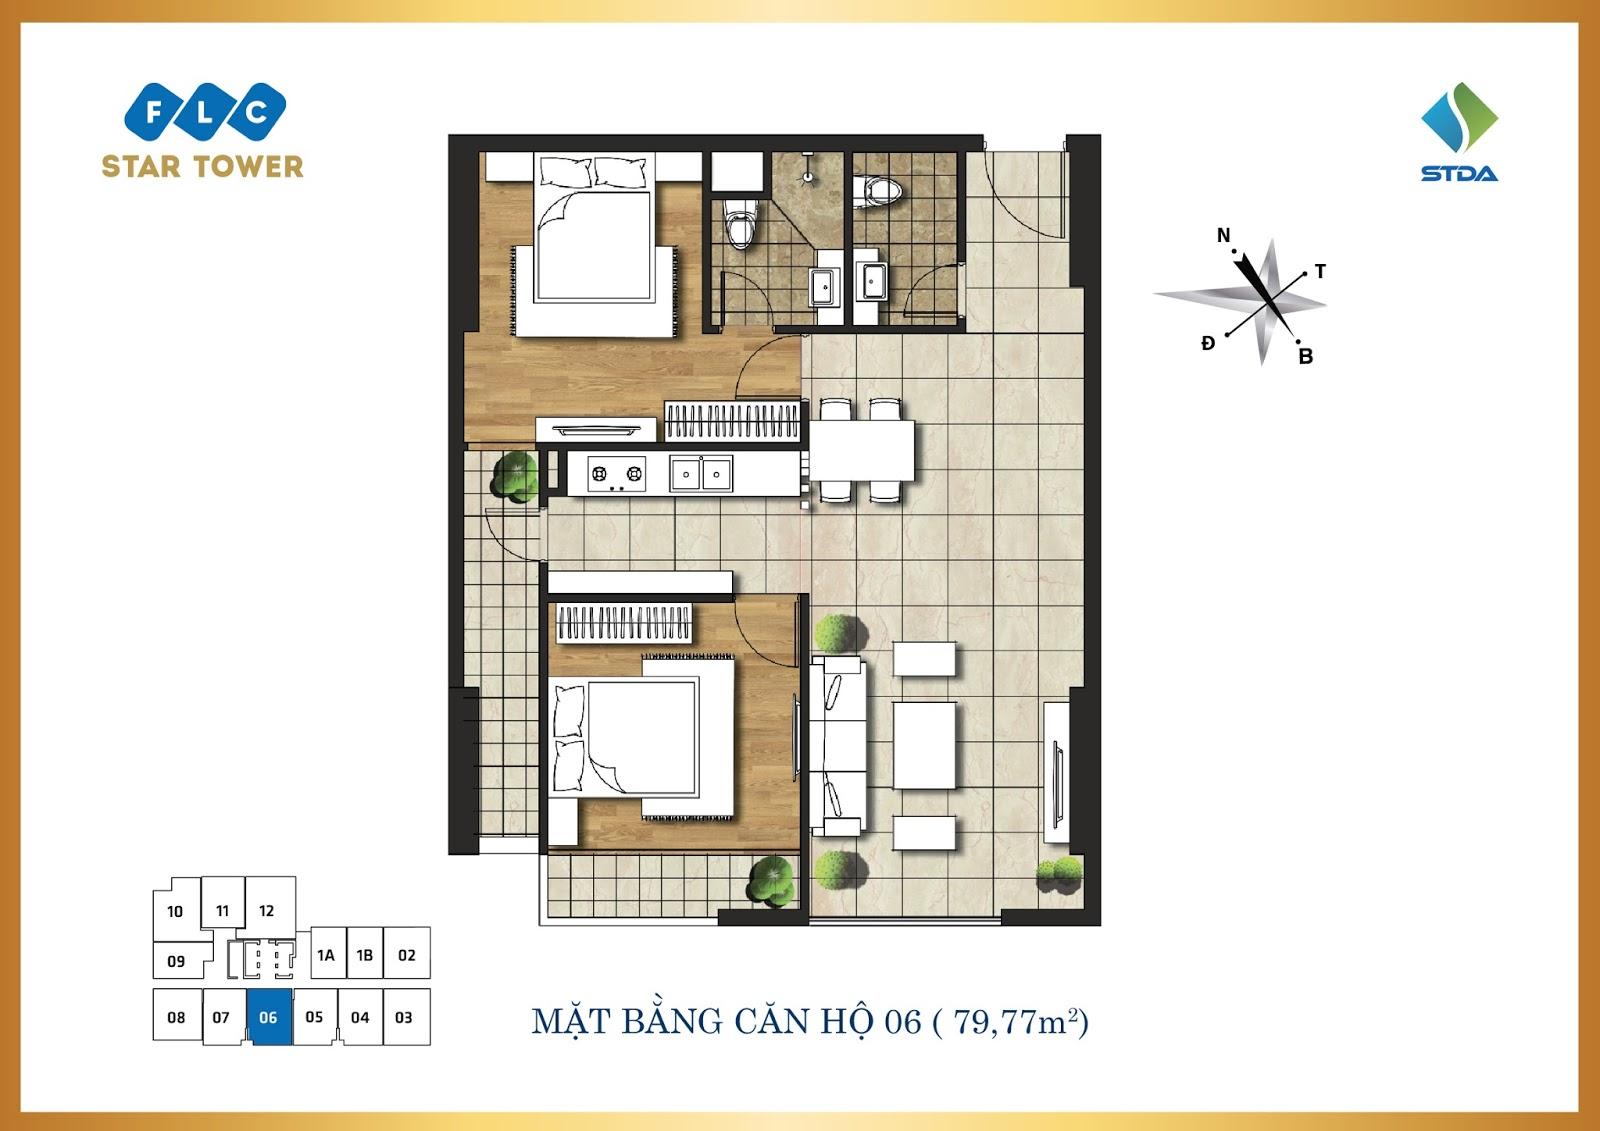 Thiết kế căn hộ số 6 - Chung cư FLC Star Tower